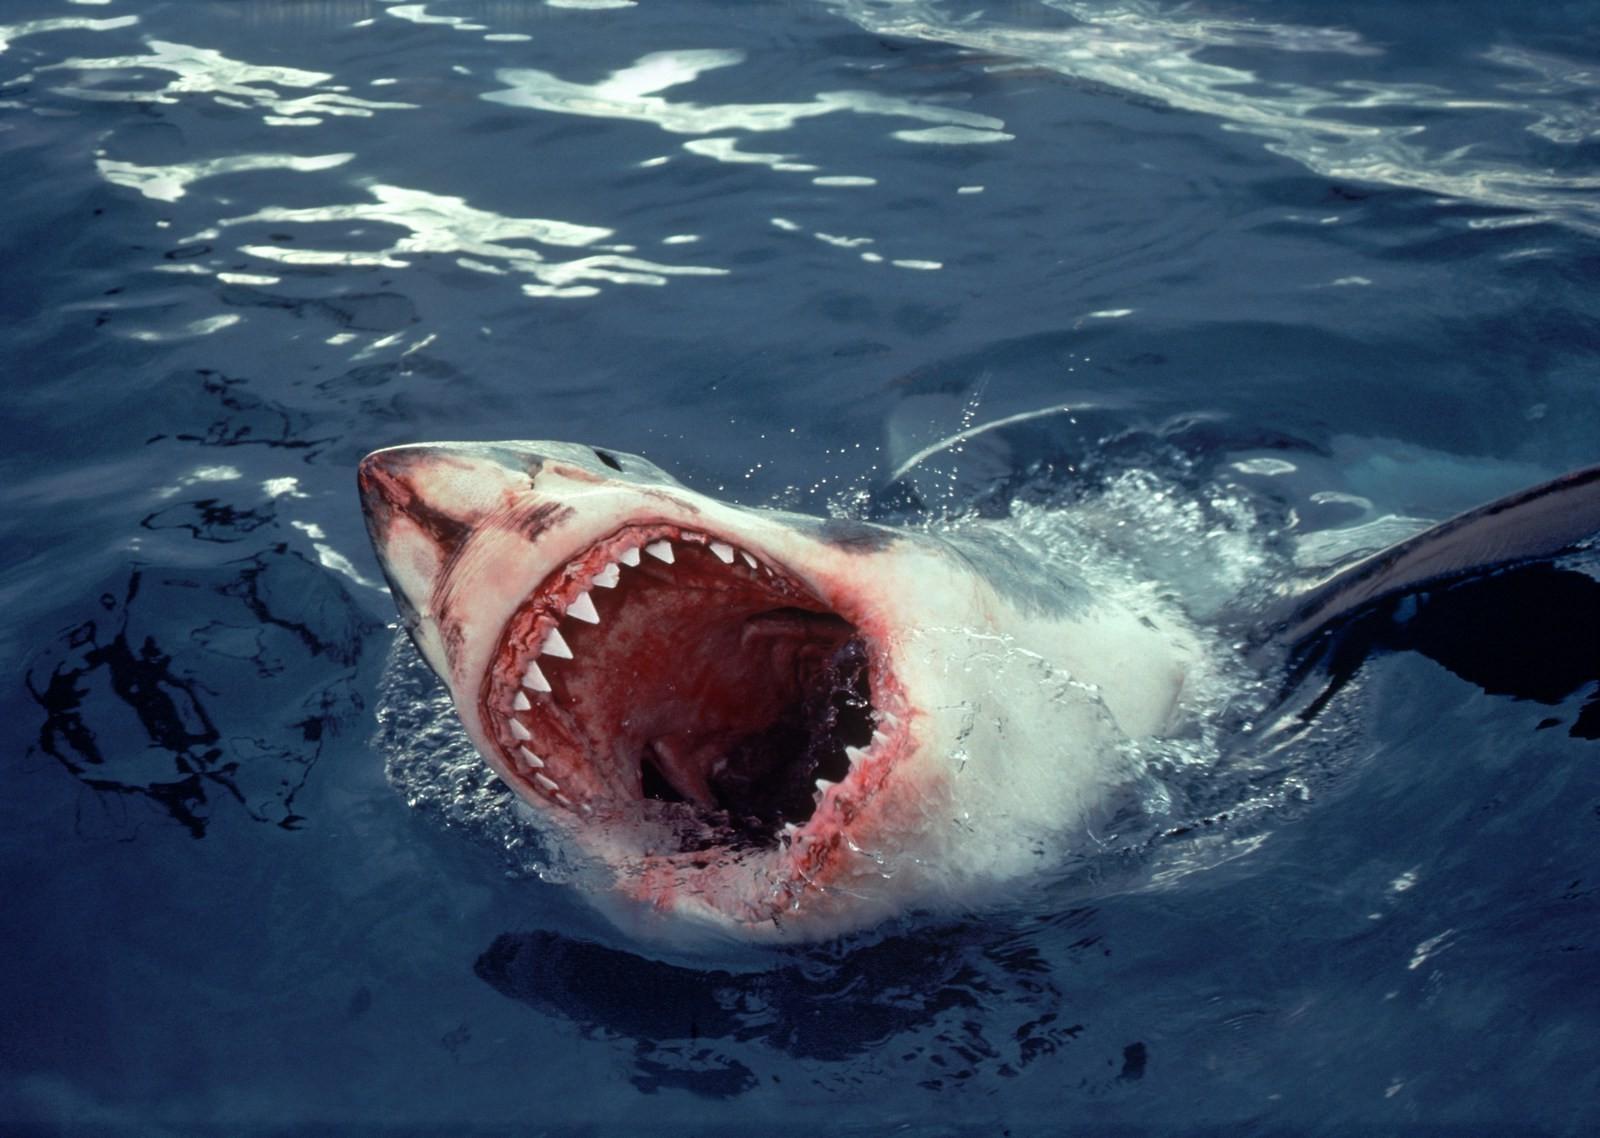 Картинки с акулами страшные, мушкетера красочные